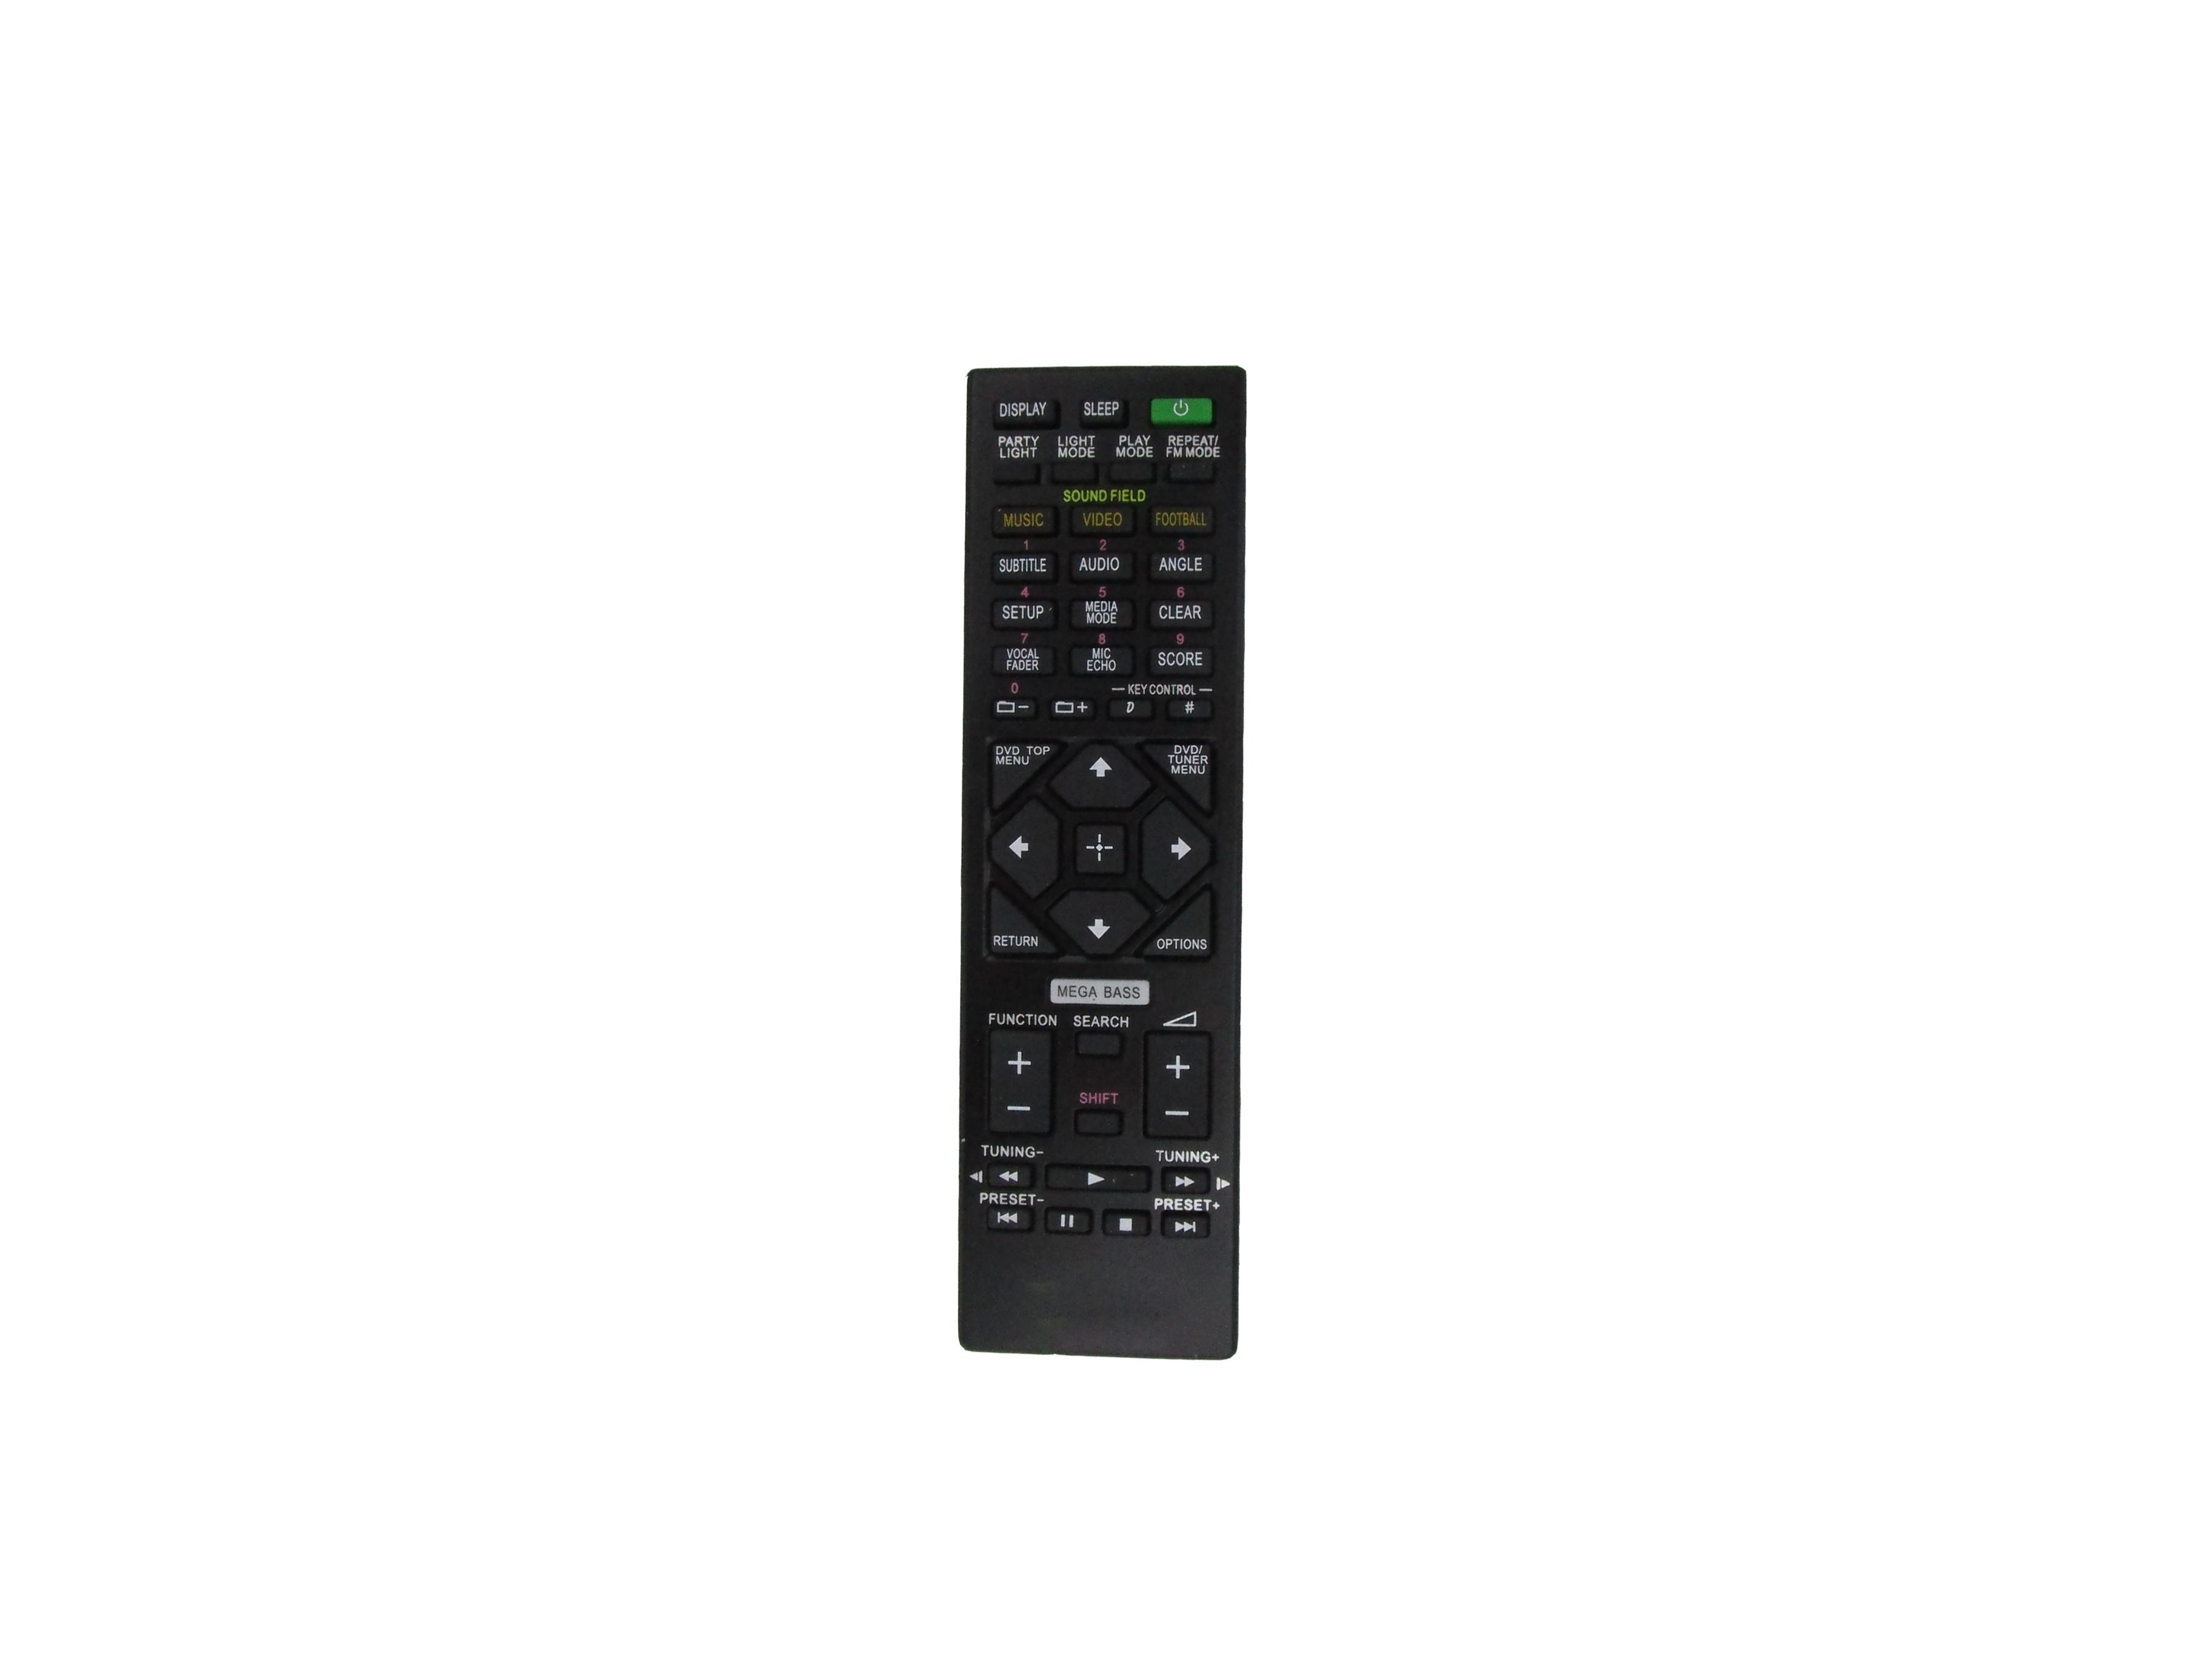 Control remoto para Sony RMT-AM210U MHC-V44D RMT-AM420U MHC-V50D MHC-GT4D SA-WGT4D SS-GT4DB SHAKE-X10D casa audio estéreo sistema